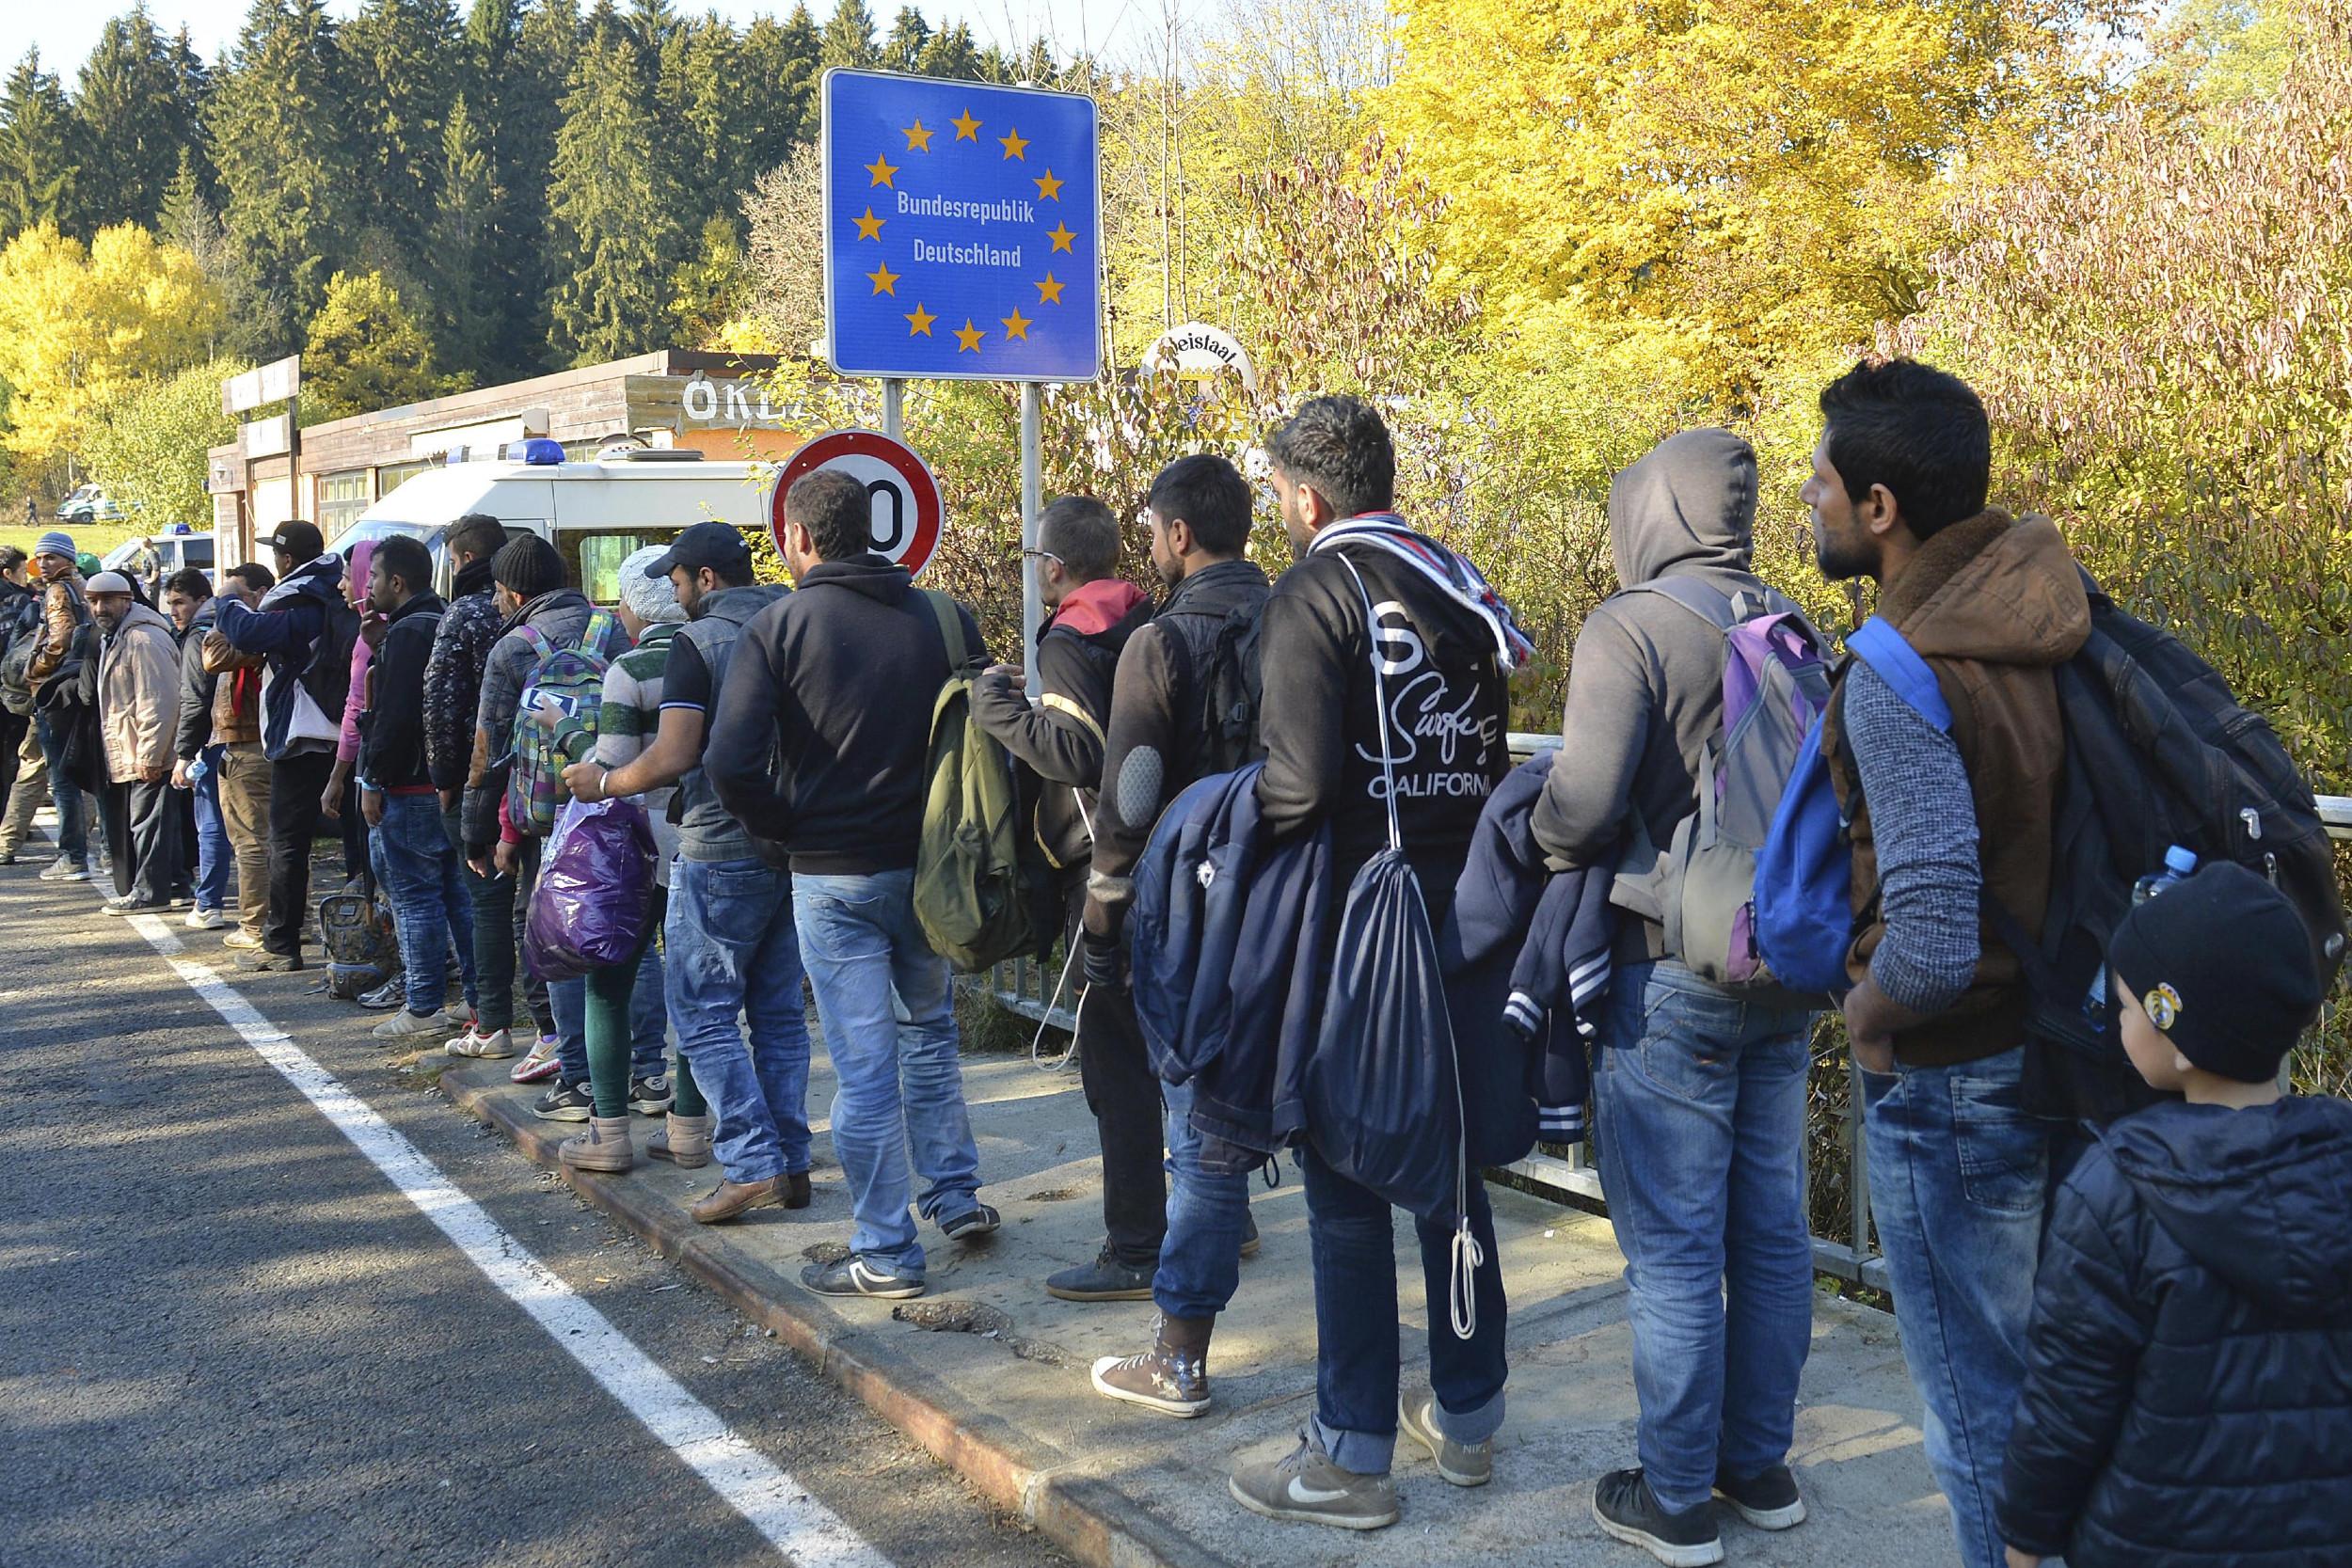 Мигранти на аустријско-немачкој граници чекају да уђу у Немачку, 28. октобар 2015. (Фото: AP Photo/Kerstin Joensson)